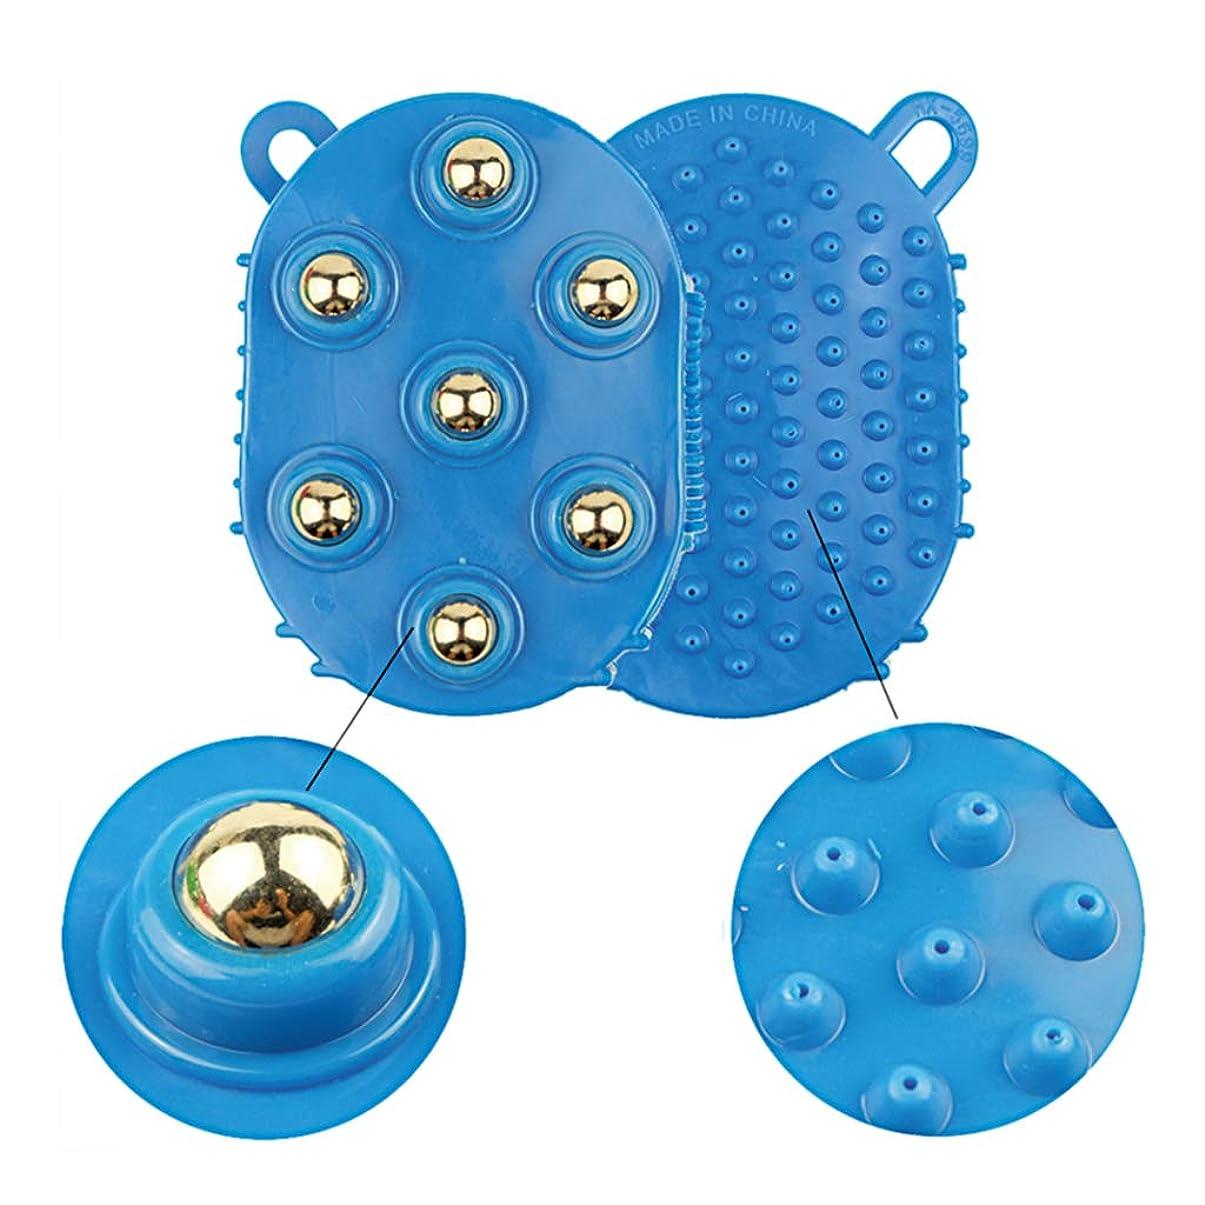 道徳教育補う無力360度スピン7ピーススチールボールローラー痩身ボディマッサージブラシバスで洗うディープティッシュマッサージボールスパイク付き(1パック),Blue